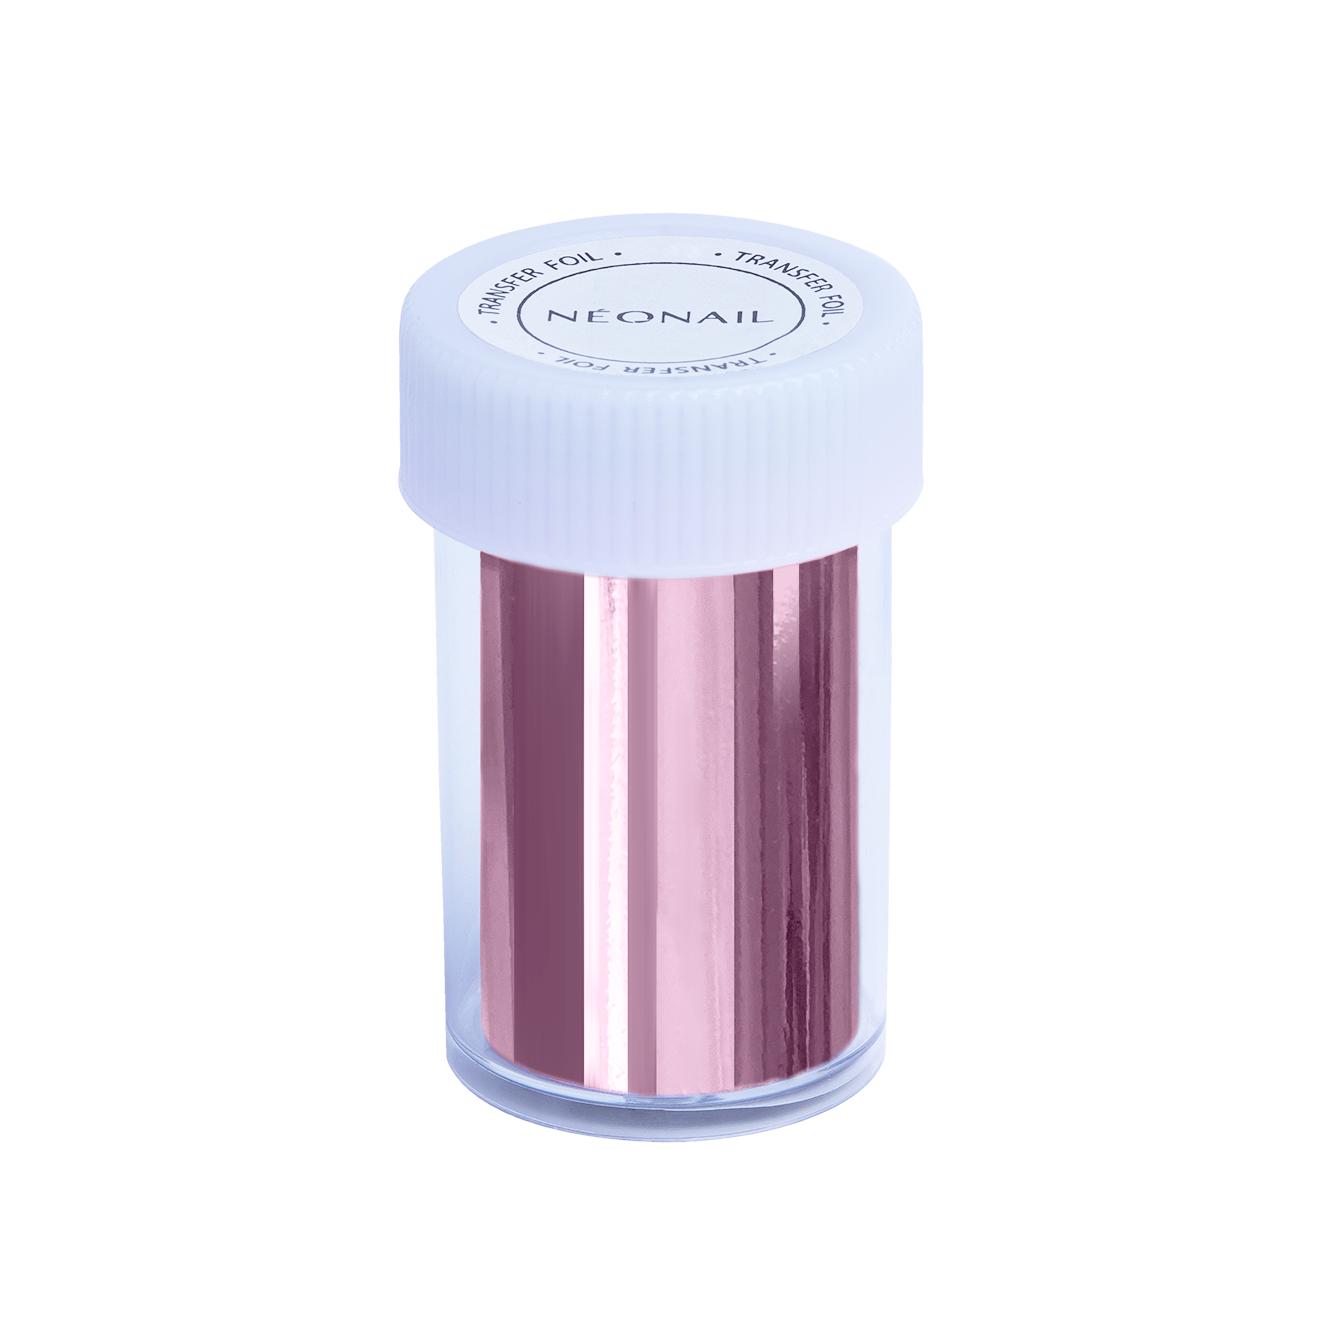 Διακοσμητικά φύλλα ροζ 02